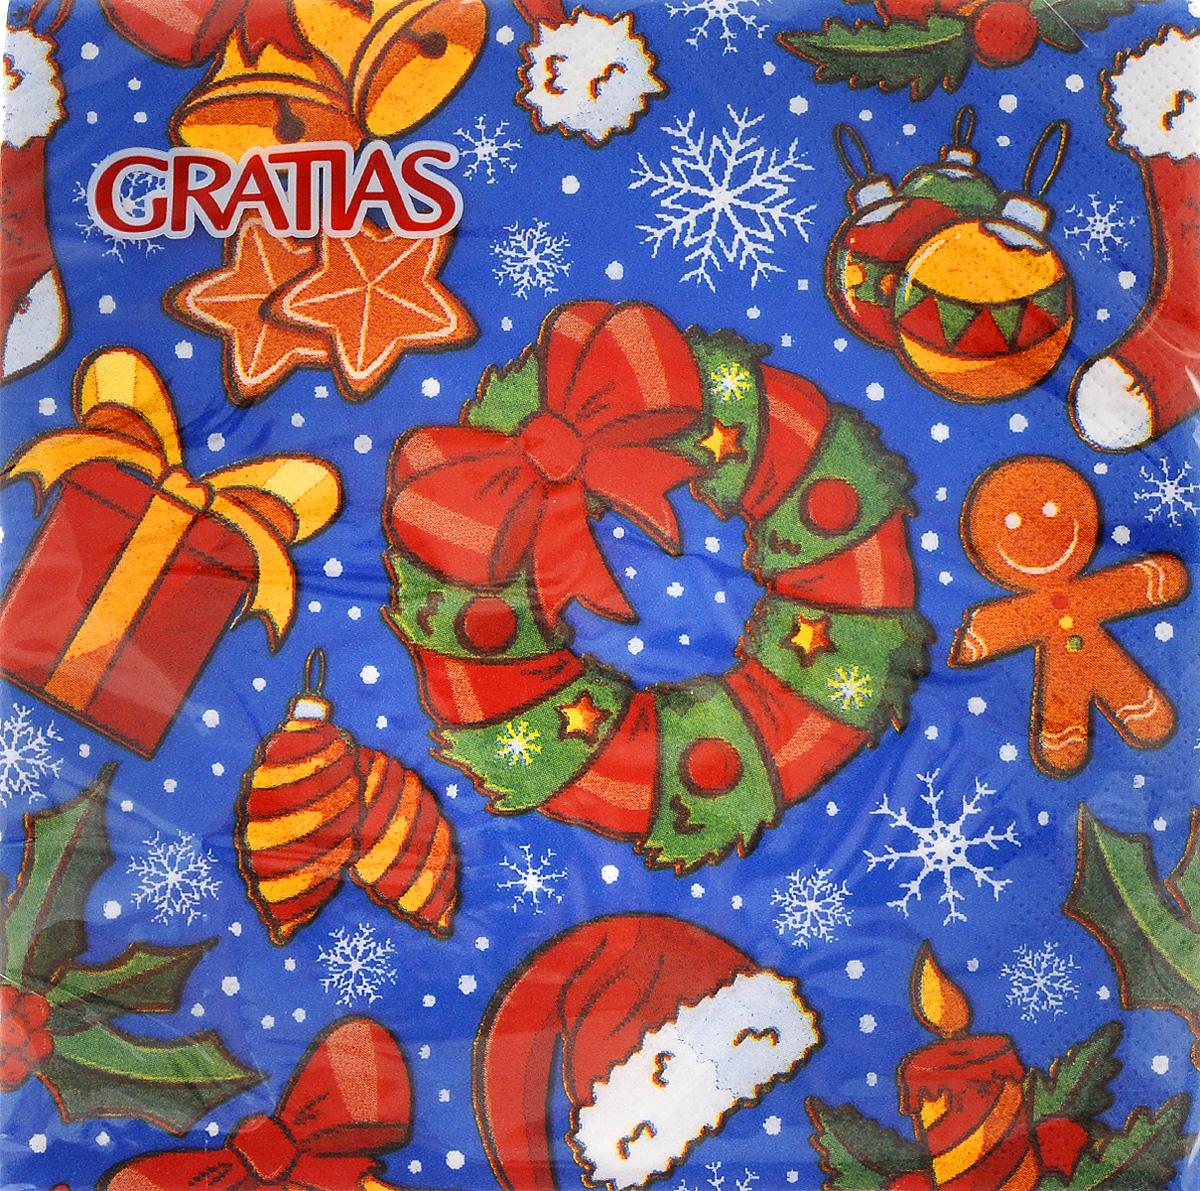 Салфетки бумажные Gratias Рождество, трехслойные, 33 х 33 см, 20 шт92230Трехслойные бумажные салфетки Gratias Рождество, выполненные из натуральной целлюлозы, станут отличным дополнением любого праздничного стола. Они отличаются необычной мягкостью и прочностью. Размер салфетки: 33 х 33 см. Количество слоев: 3.